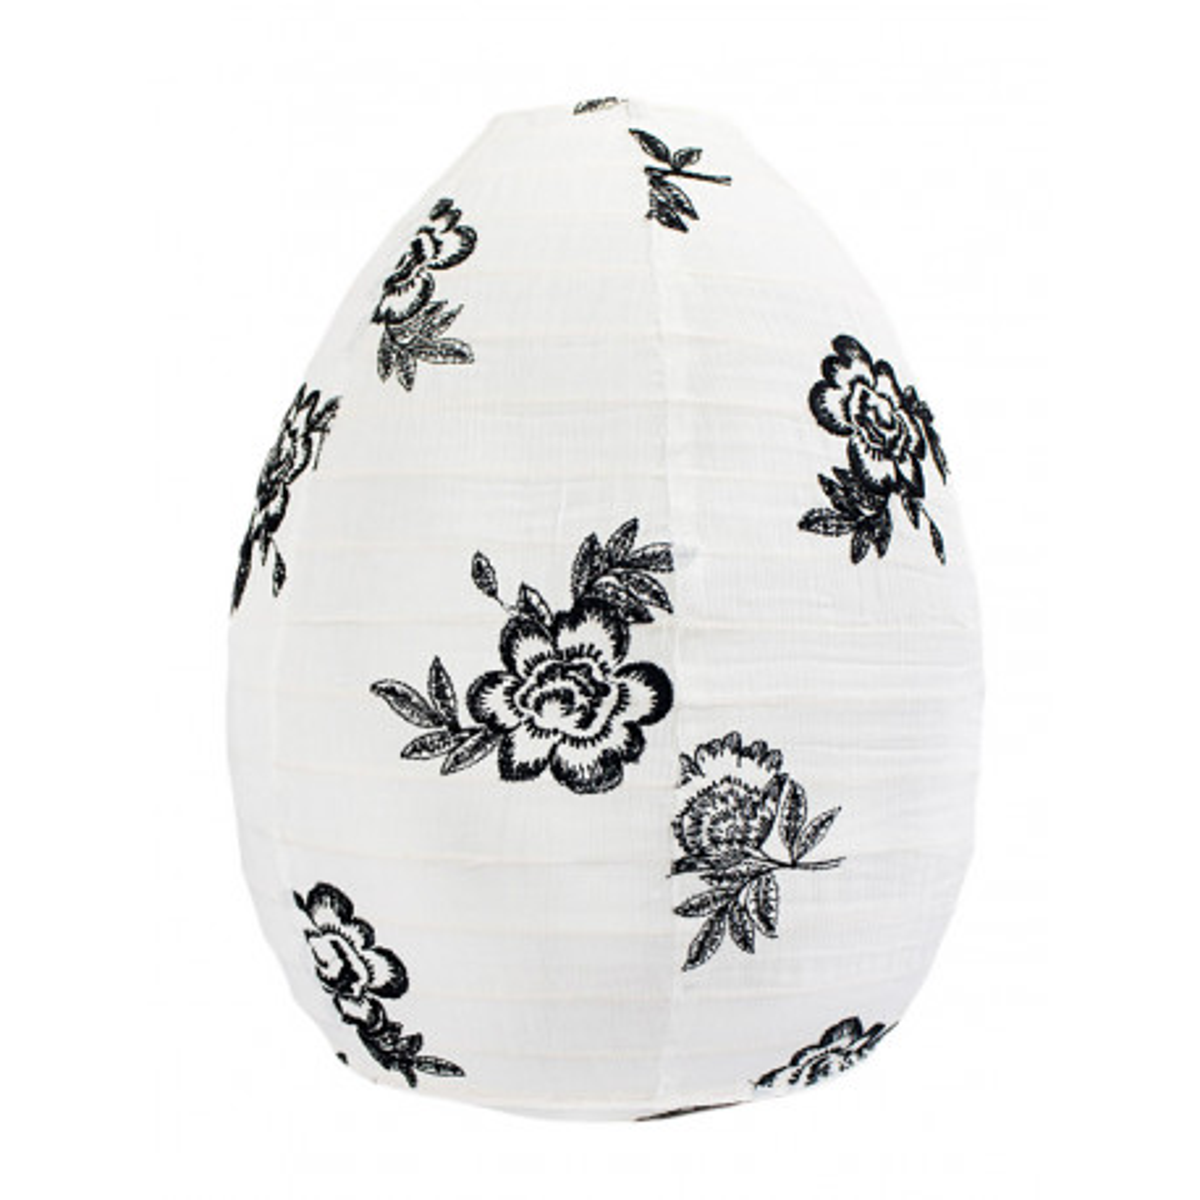 Lampion tissu boule japonaise ruche blanc et fleurs noires brodées